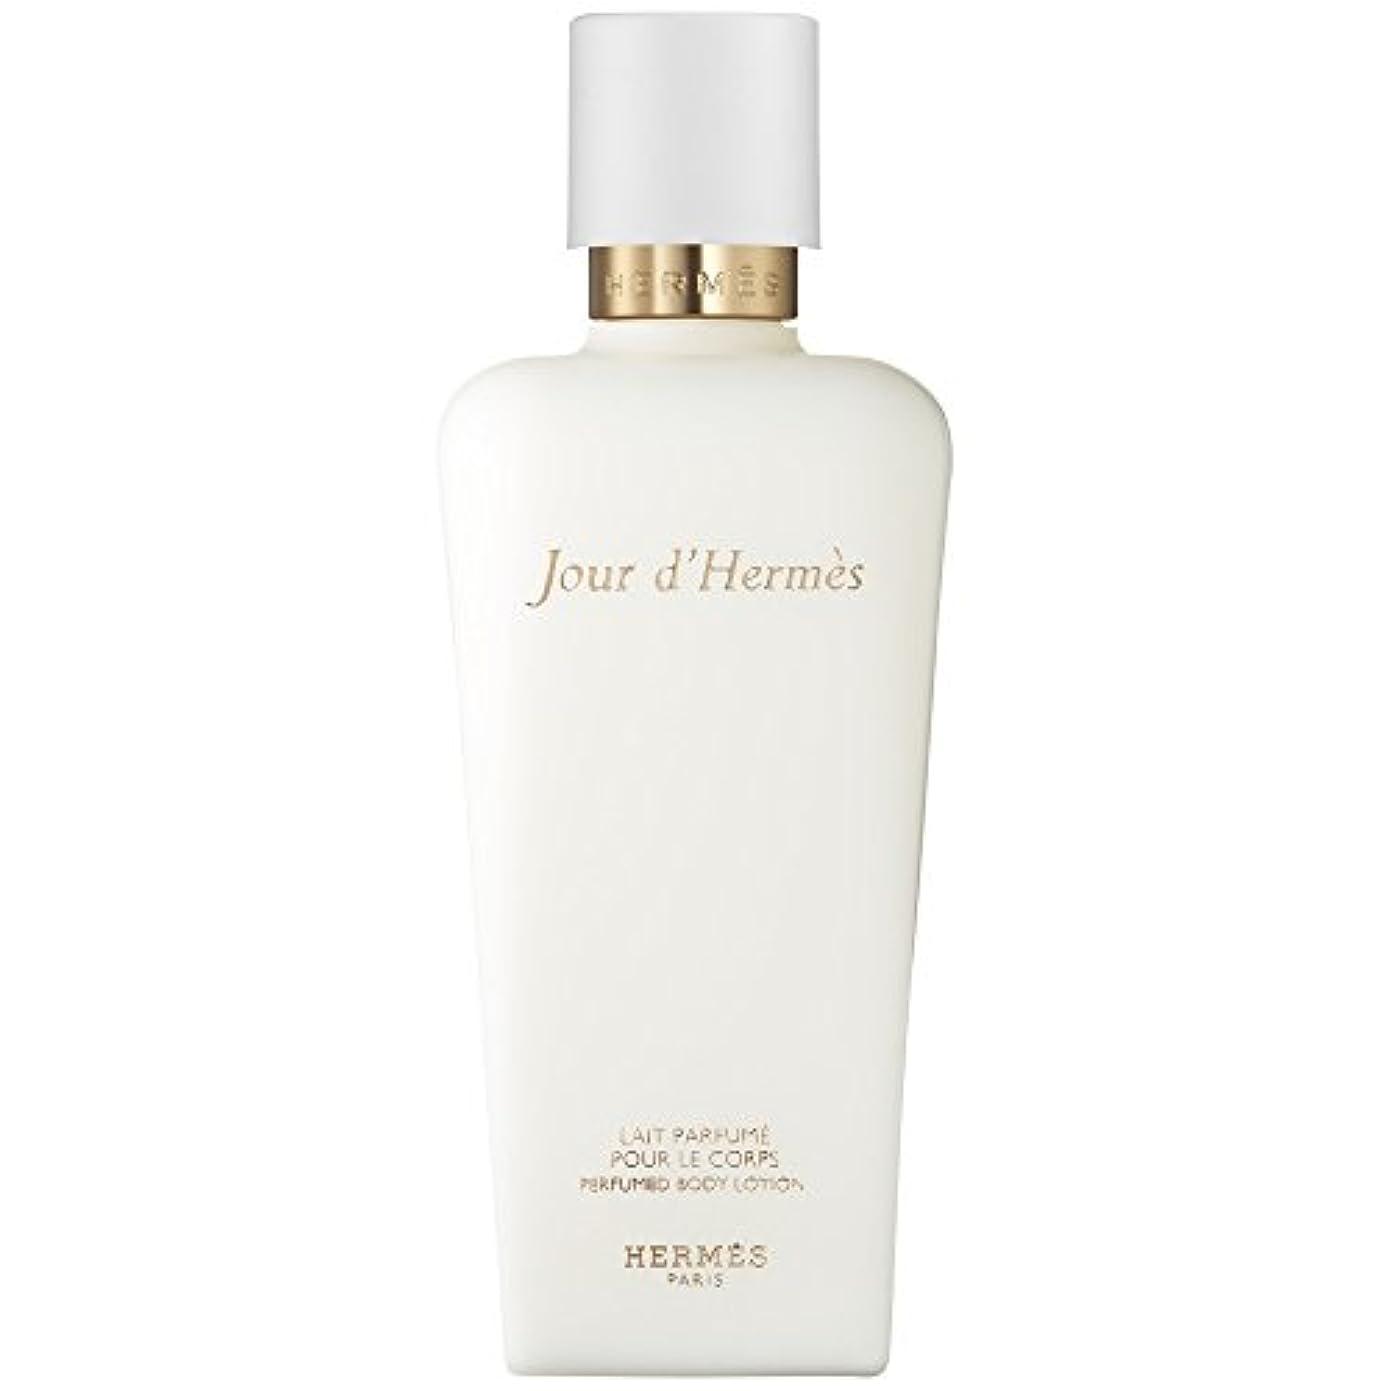 デコードする送るすぐにエルメスJourのドールエルメス賦香ボディローション200ミリリットル (HERM?S) (x2) - HERM?S Jour d'Herm?s Perfumed Body Lotion 200ml (Pack of 2...